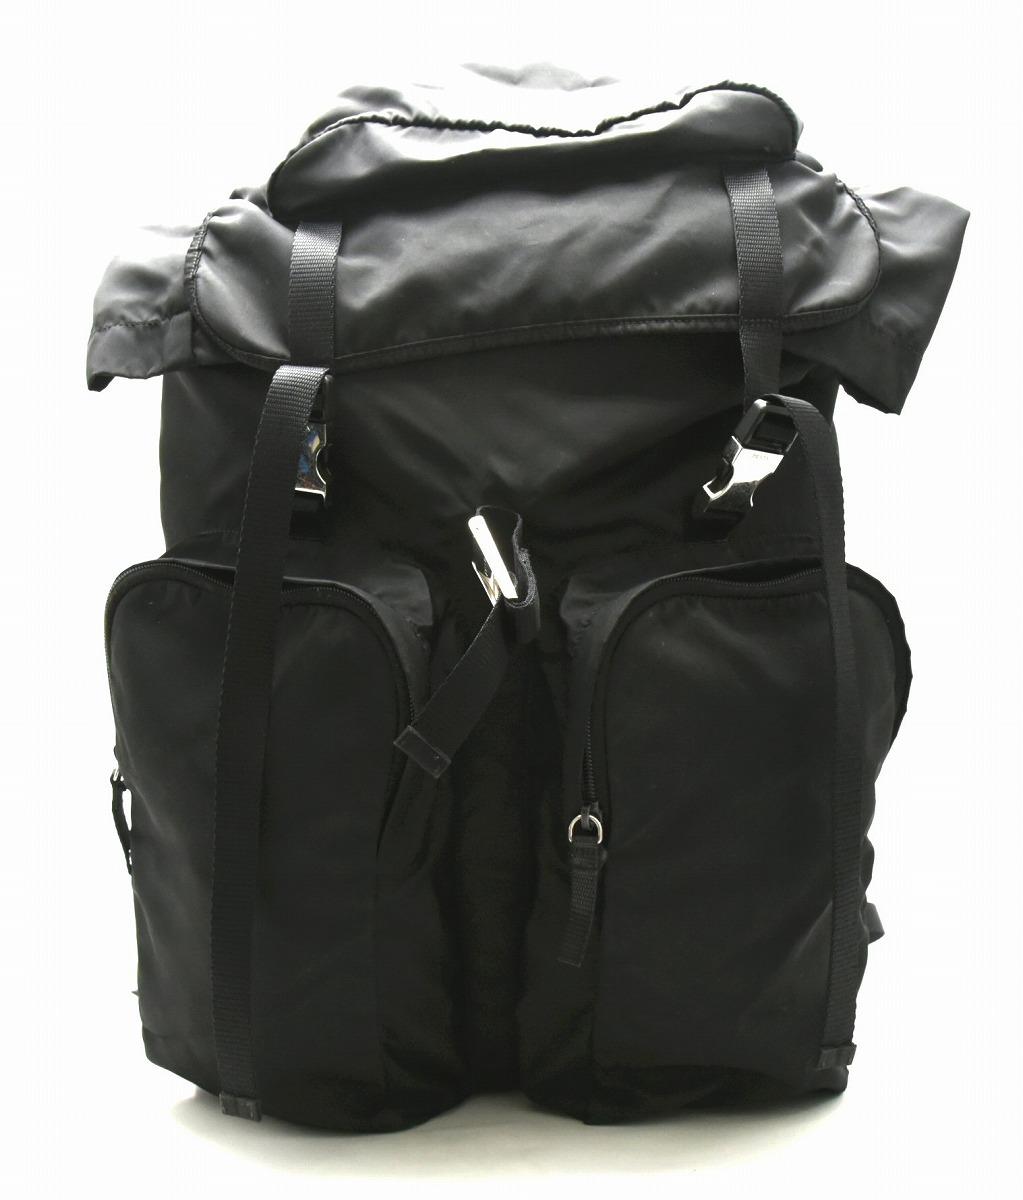 【バッグ】PRADA プラダ バックパック リュック リュックサック デイパック ナイロン 黒 ブラック V136 【中古】【k】